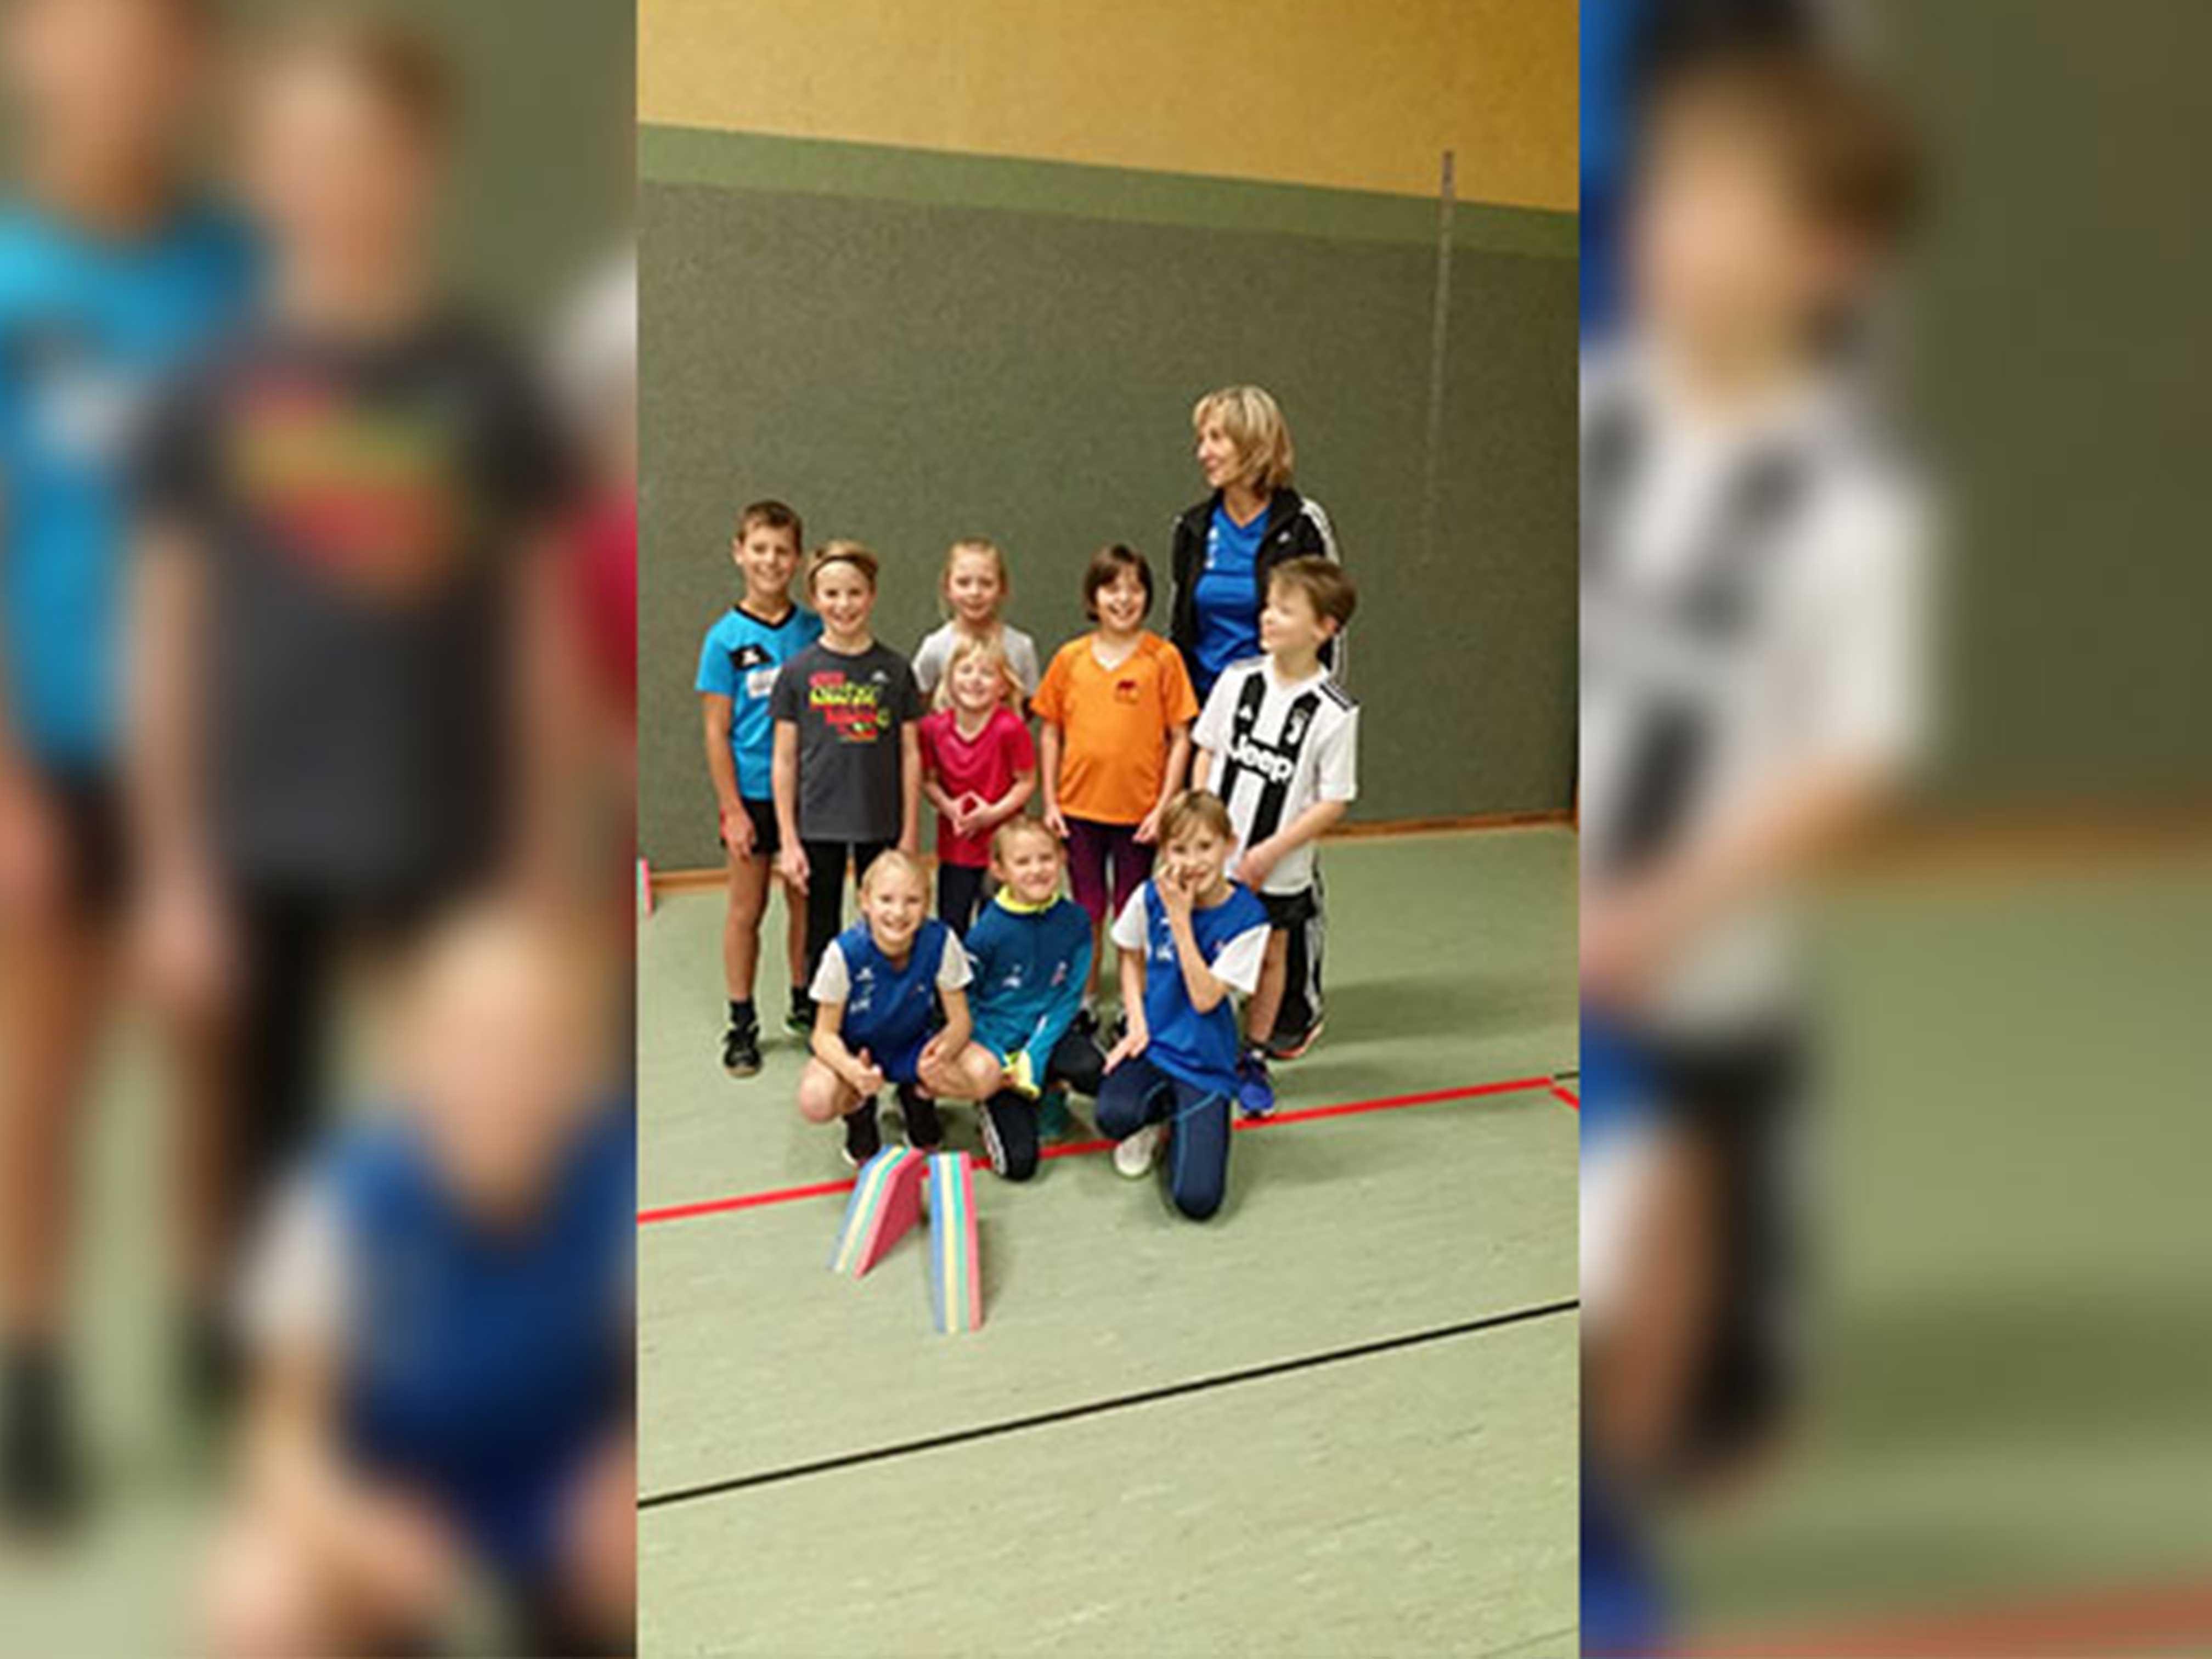 Leichtathletik Centrum Gotha